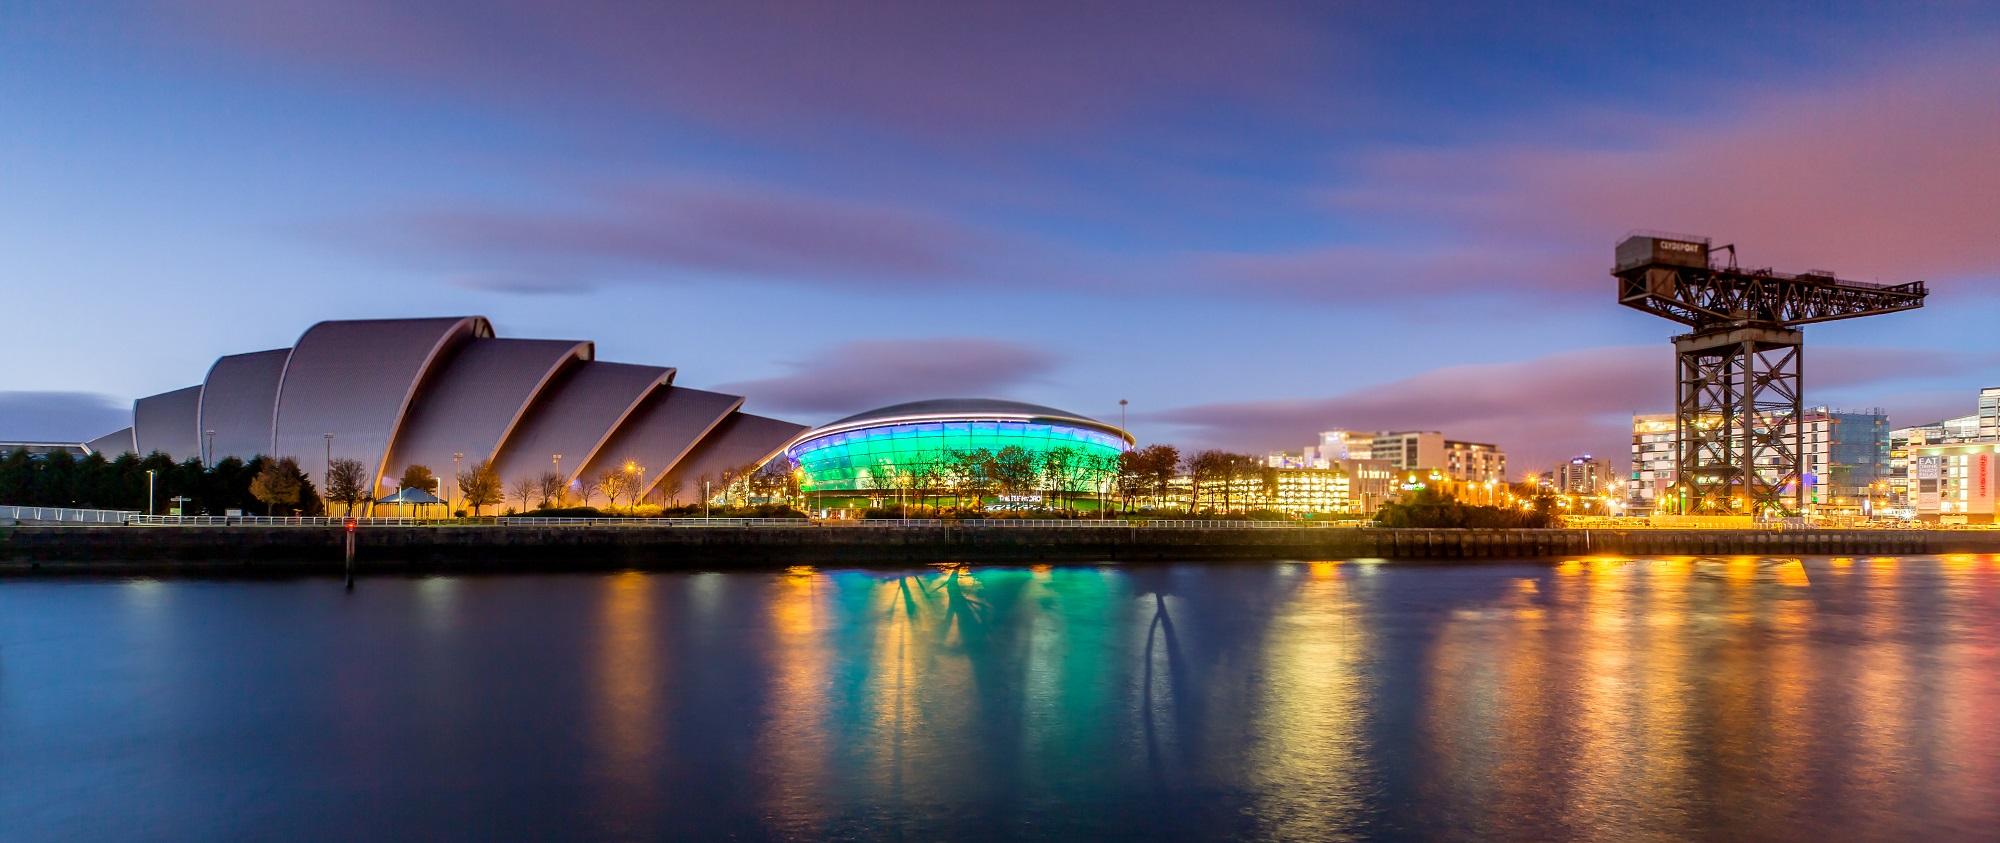 Visit Glasgow